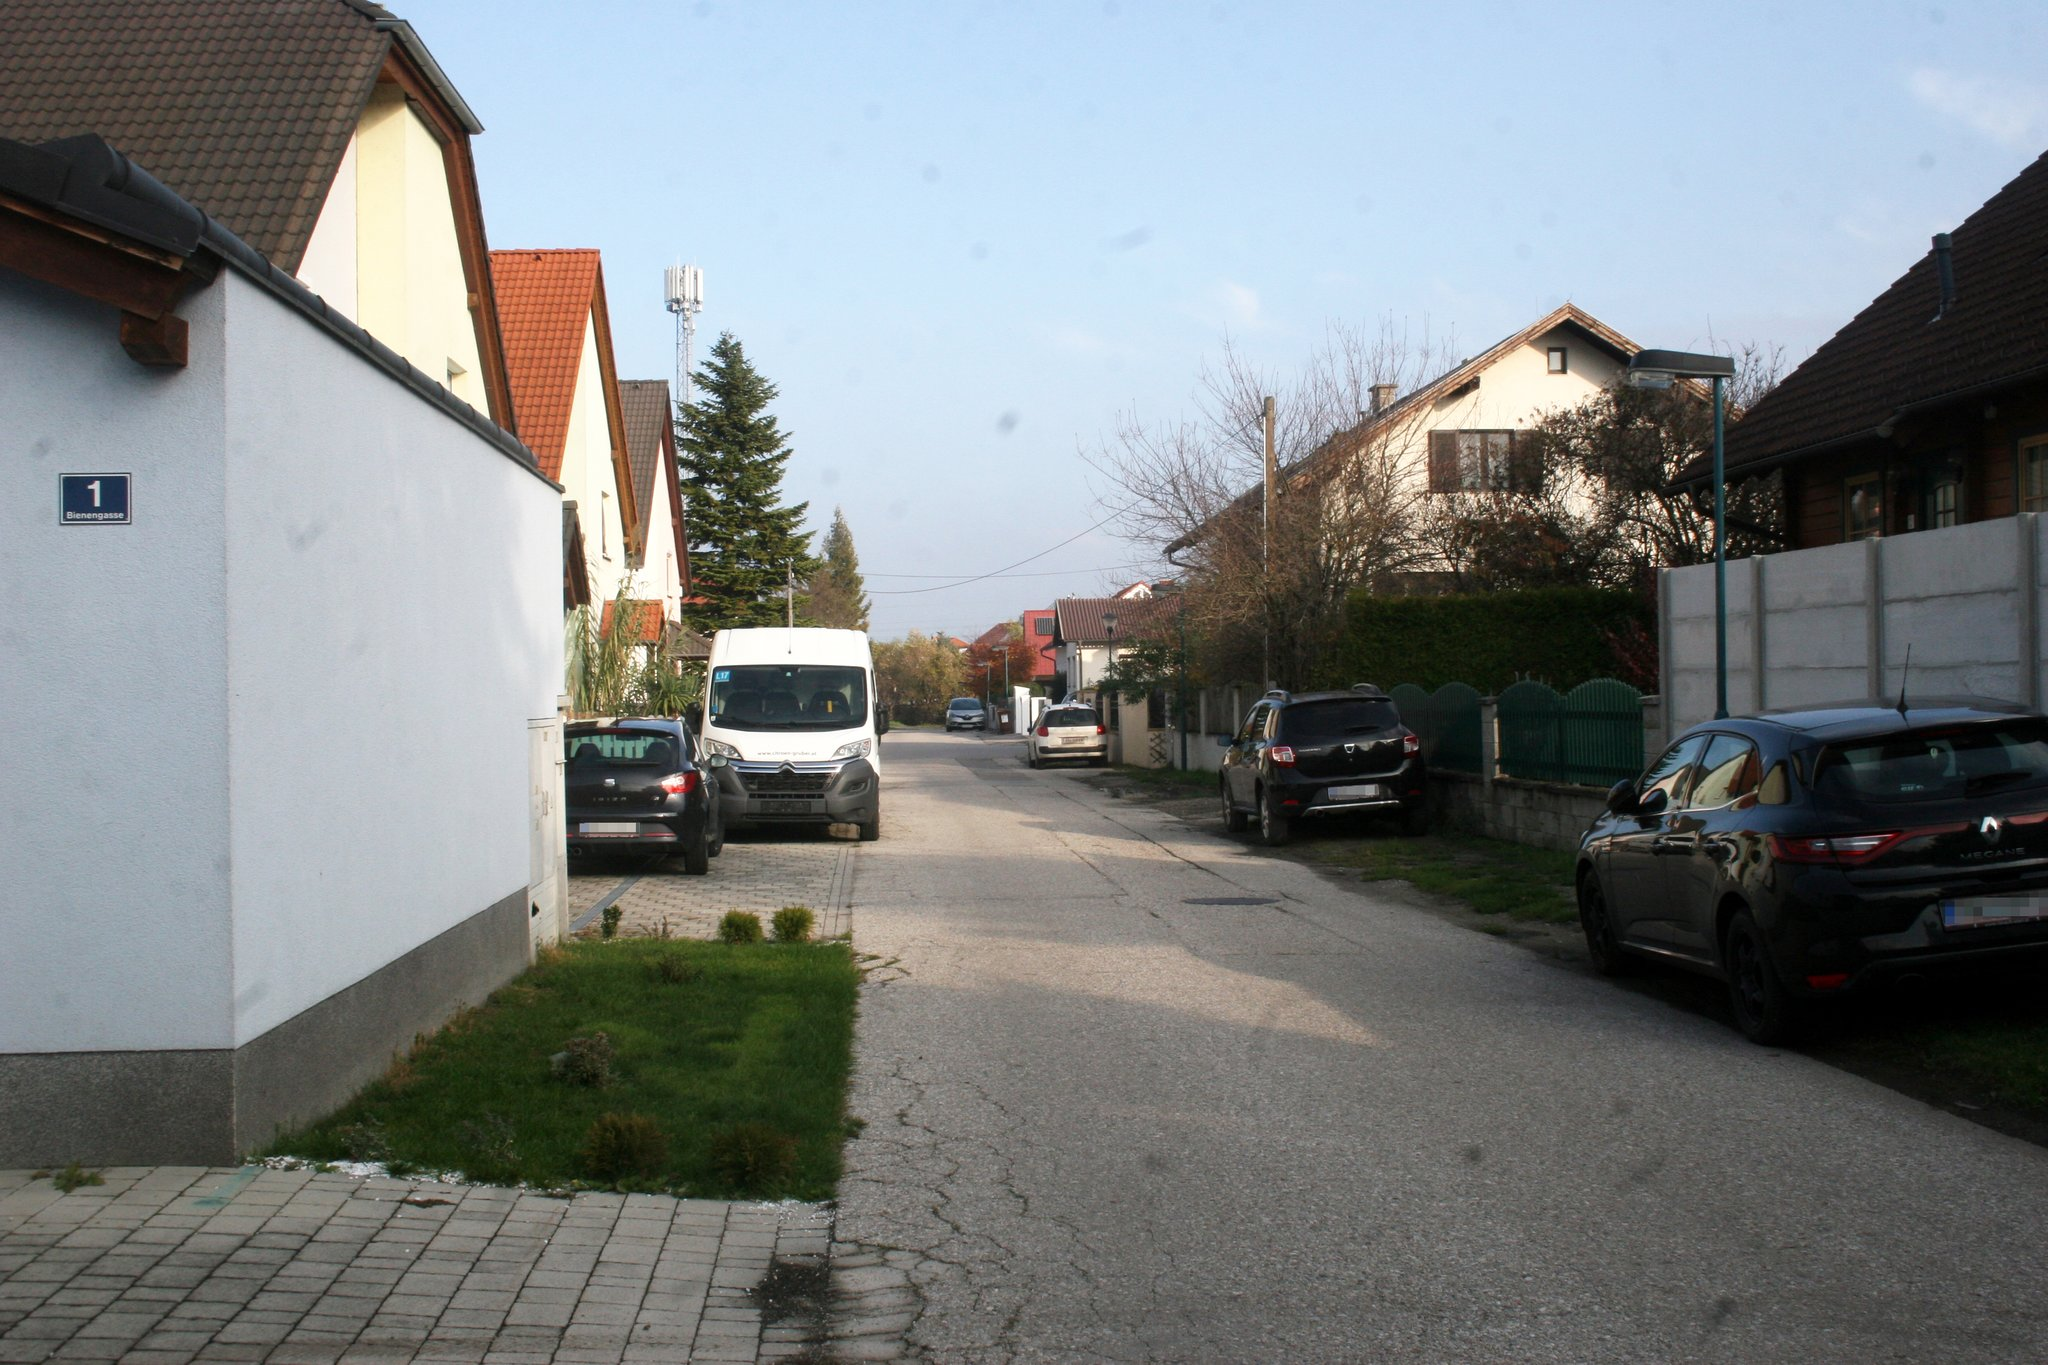 Hausbesitzer bei Einbruch zu Hause - Steinfeld - meinbezirk.at